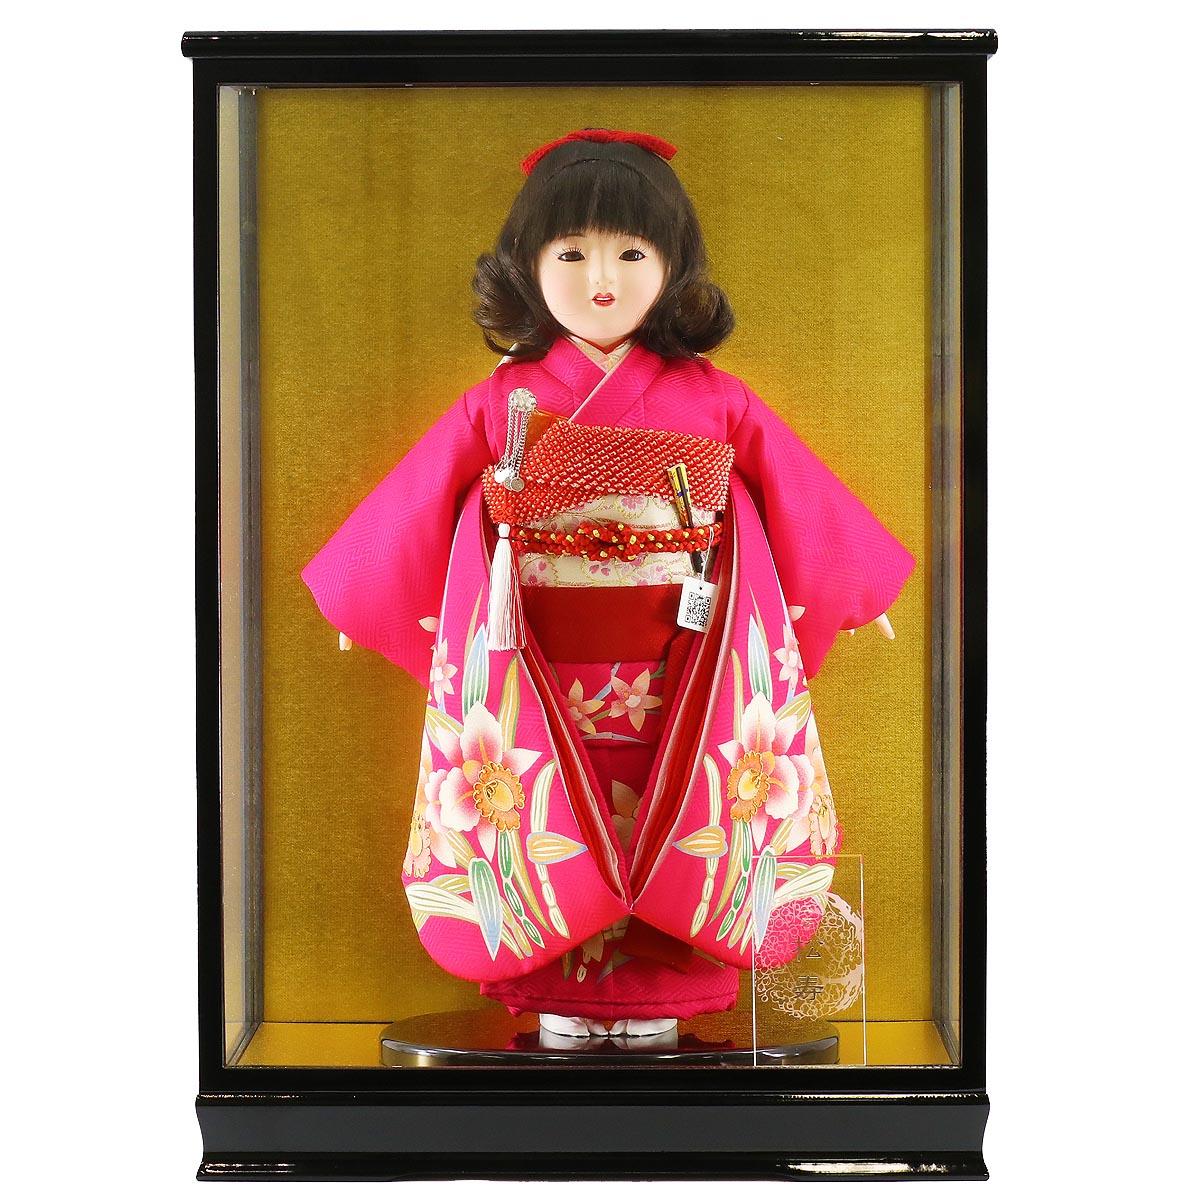 雛人形 松寿 コンパクト 市松人形 松寿作 市松人形 金彩京友禅 カトレア ケース入り (HB9) 市松 ICMY-RE12-44-C (HB9)ひな人形 かわいい おしゃれ インテリア ひな人形 小さい ミニ